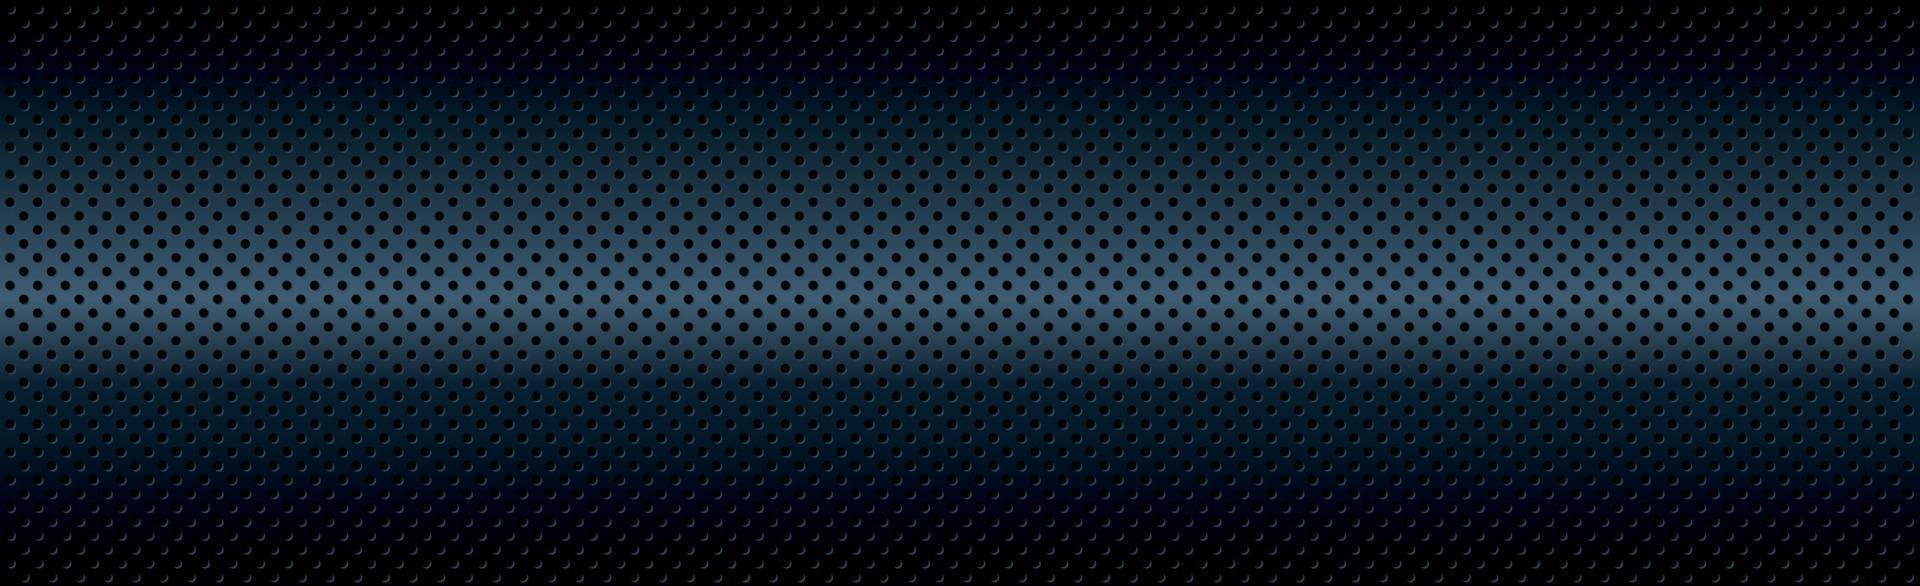 blu perforato sfondo blu con buchi neri e bagliore vettore